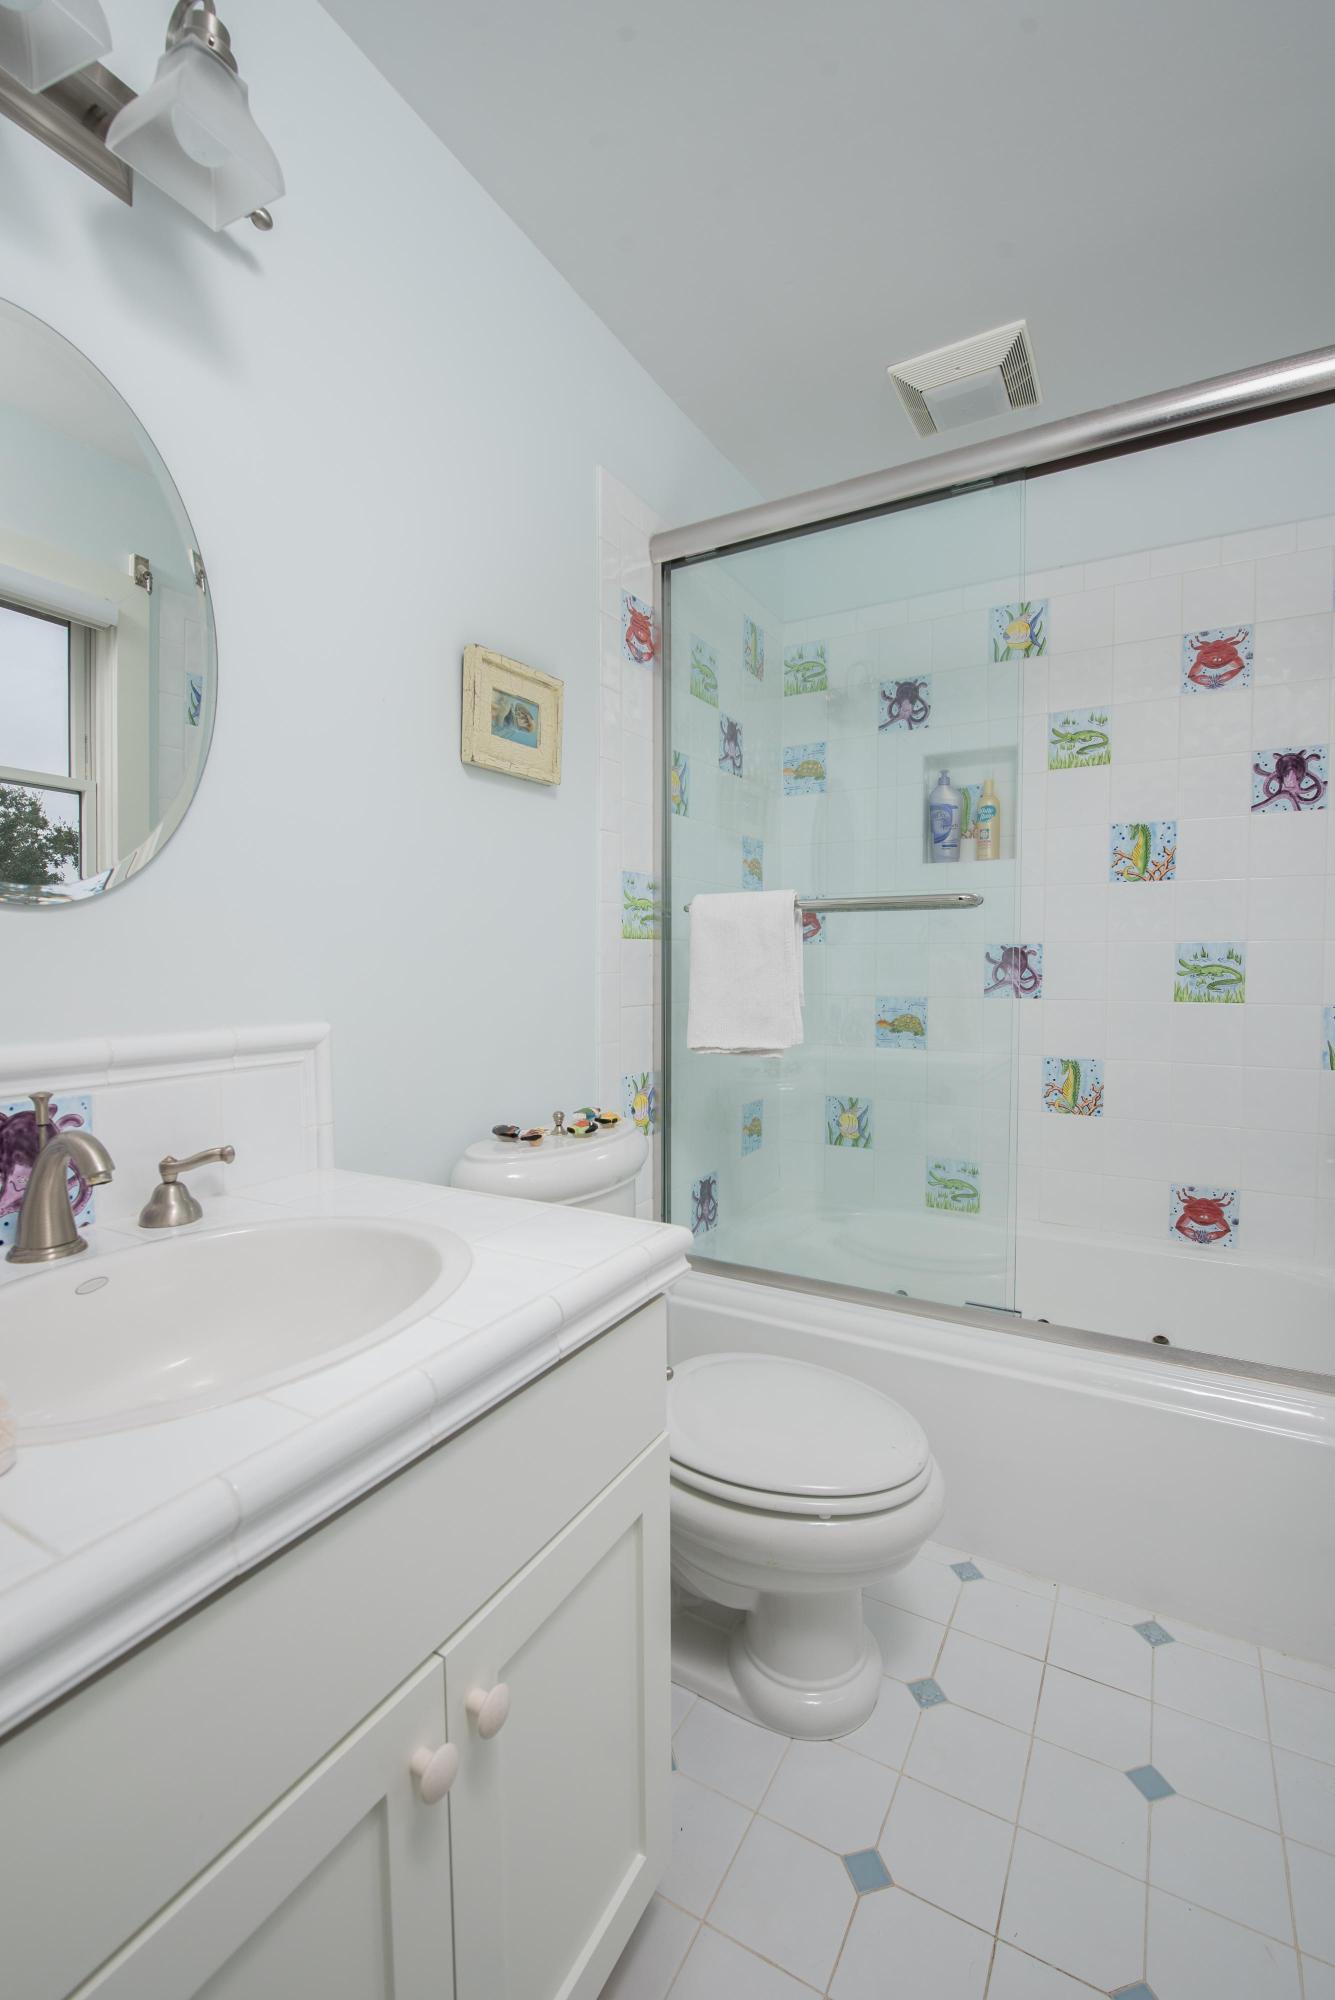 Dewees Island Homes For Sale - 171 Dewees Inlet, Dewees Island, SC - 21